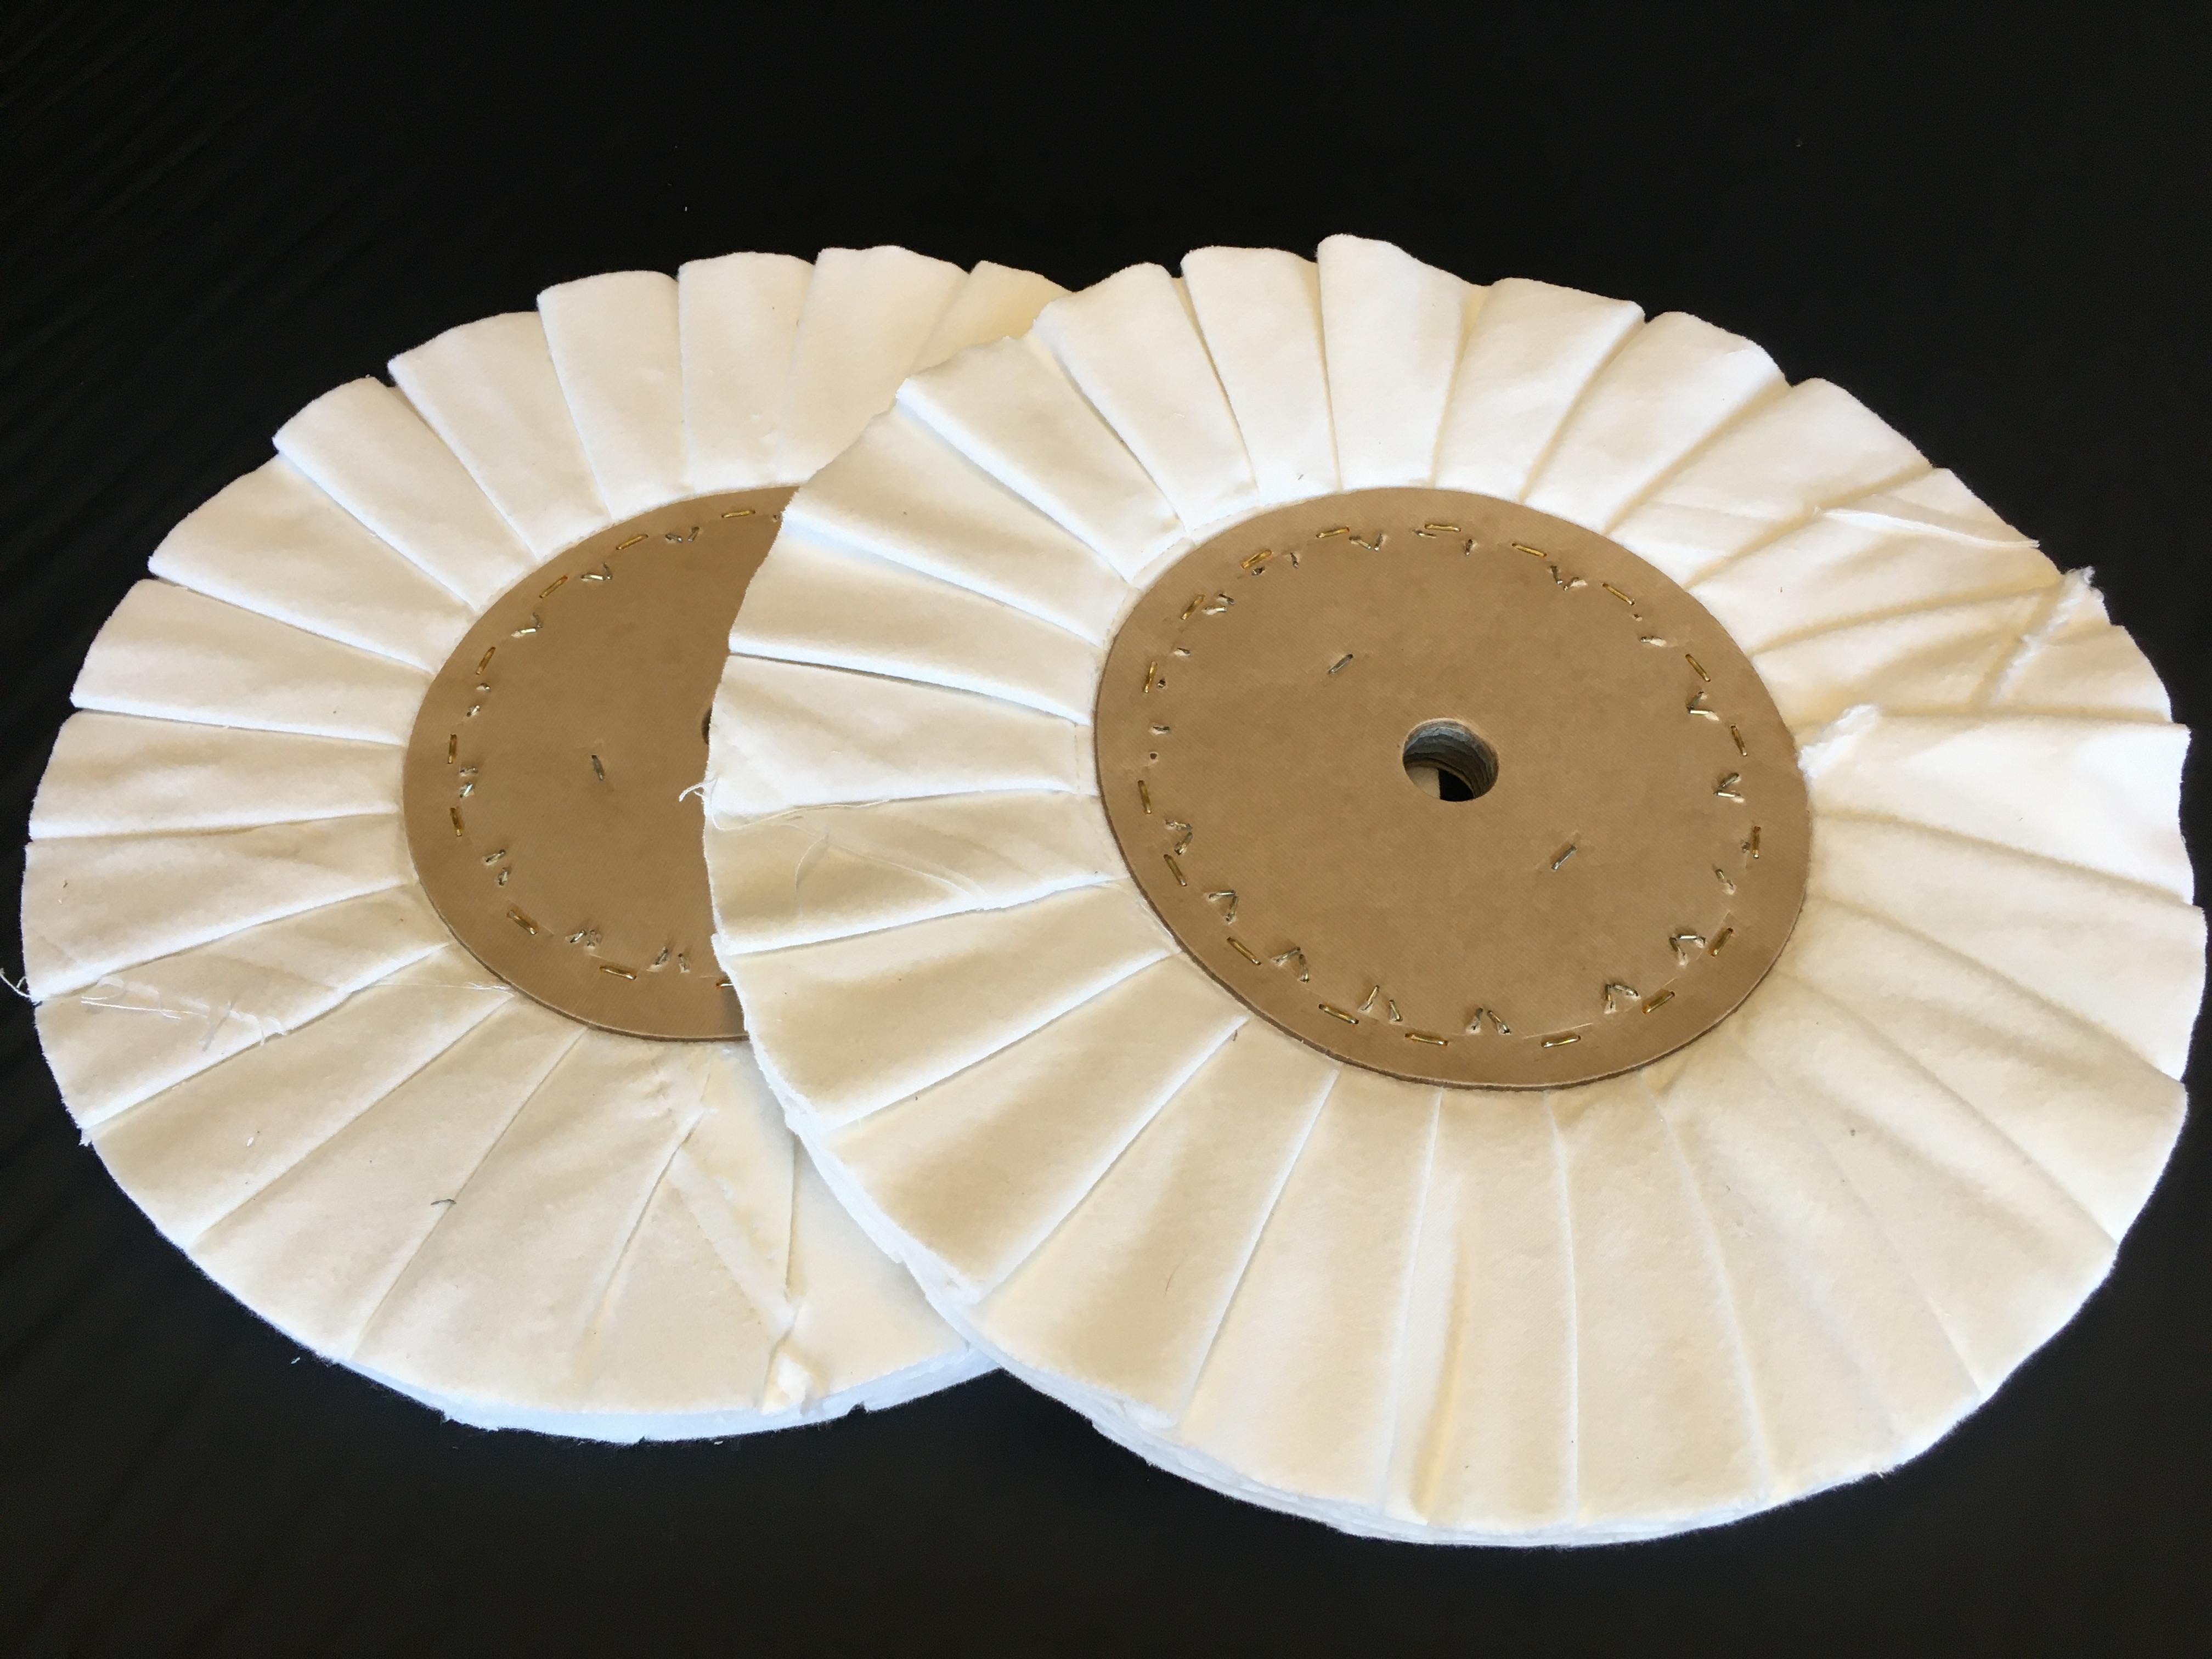 Na výrobu skládaného kotouče používáme přírodní materiály bez syntetiky. V případě potřeby, ale zajistíme potřebnou impregnaci. V tomto případě jde o počesané molino, které je velmi měkké, přitom pevné a proto se hodí například pro leštění plastu a někter